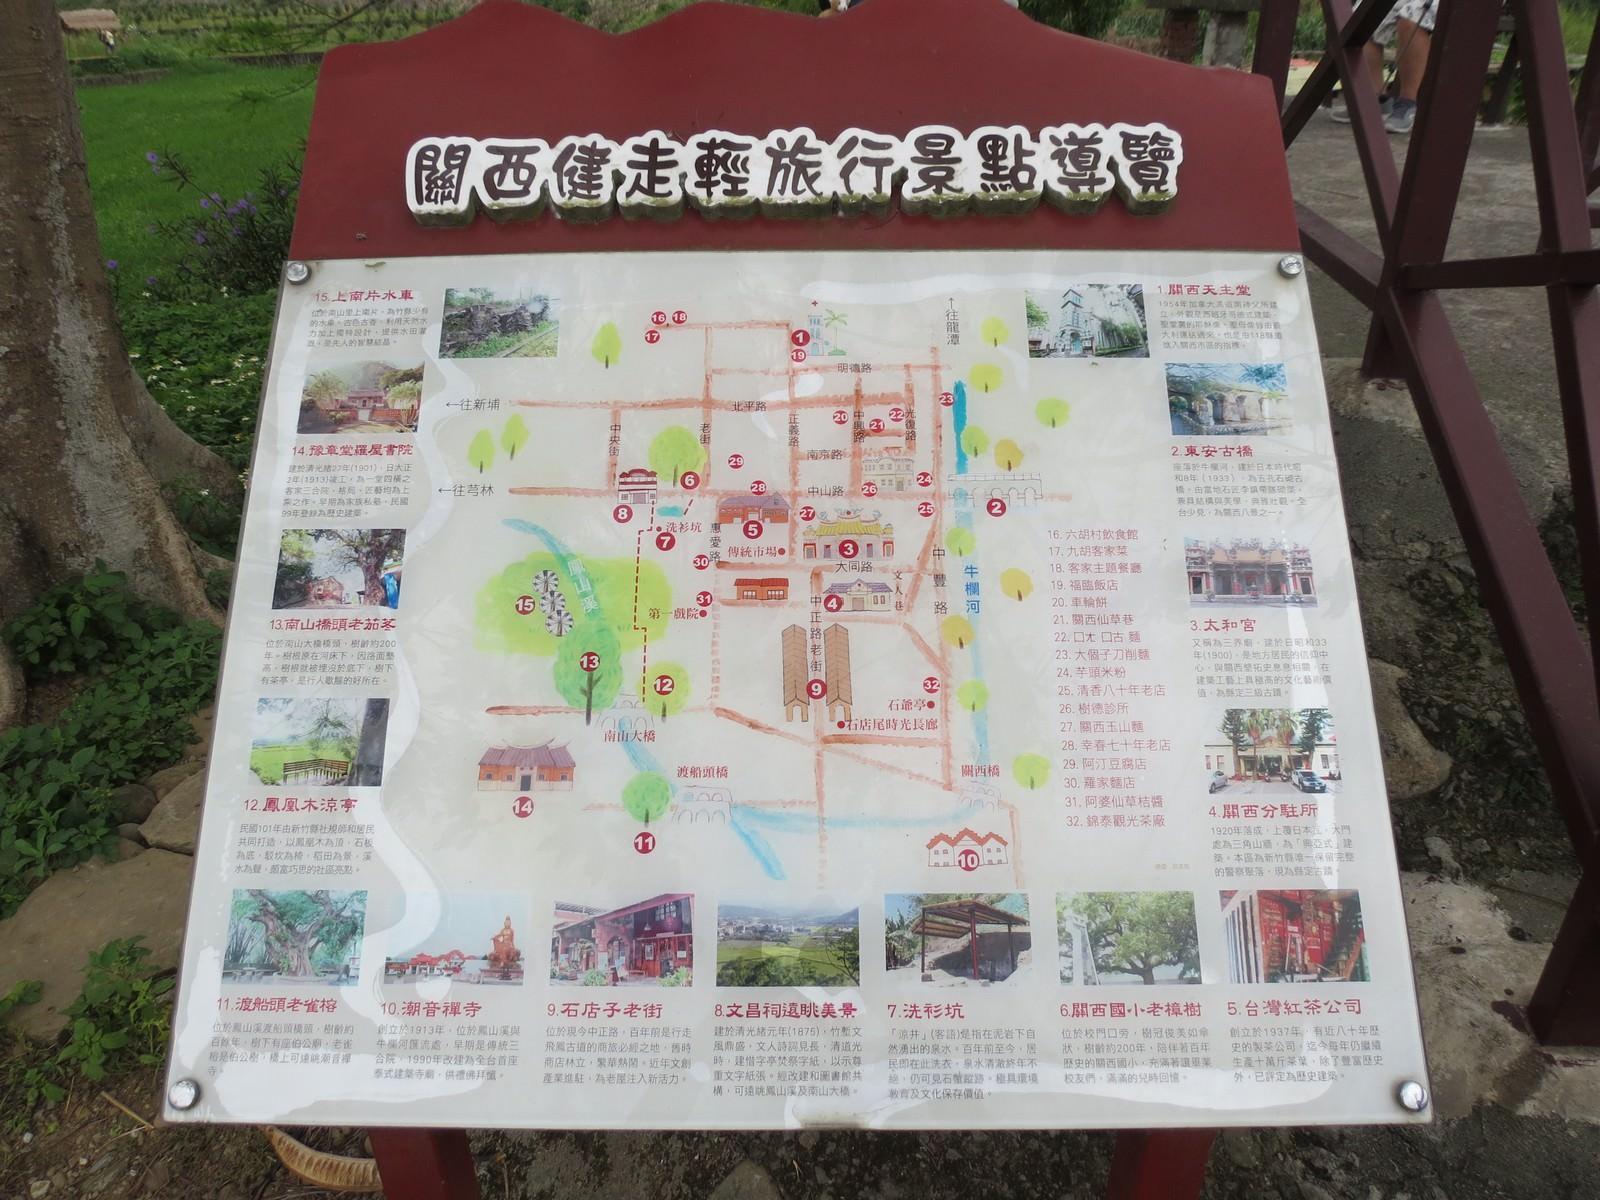 關西立夏小旅行, 關西建走輕旅行景點導覽